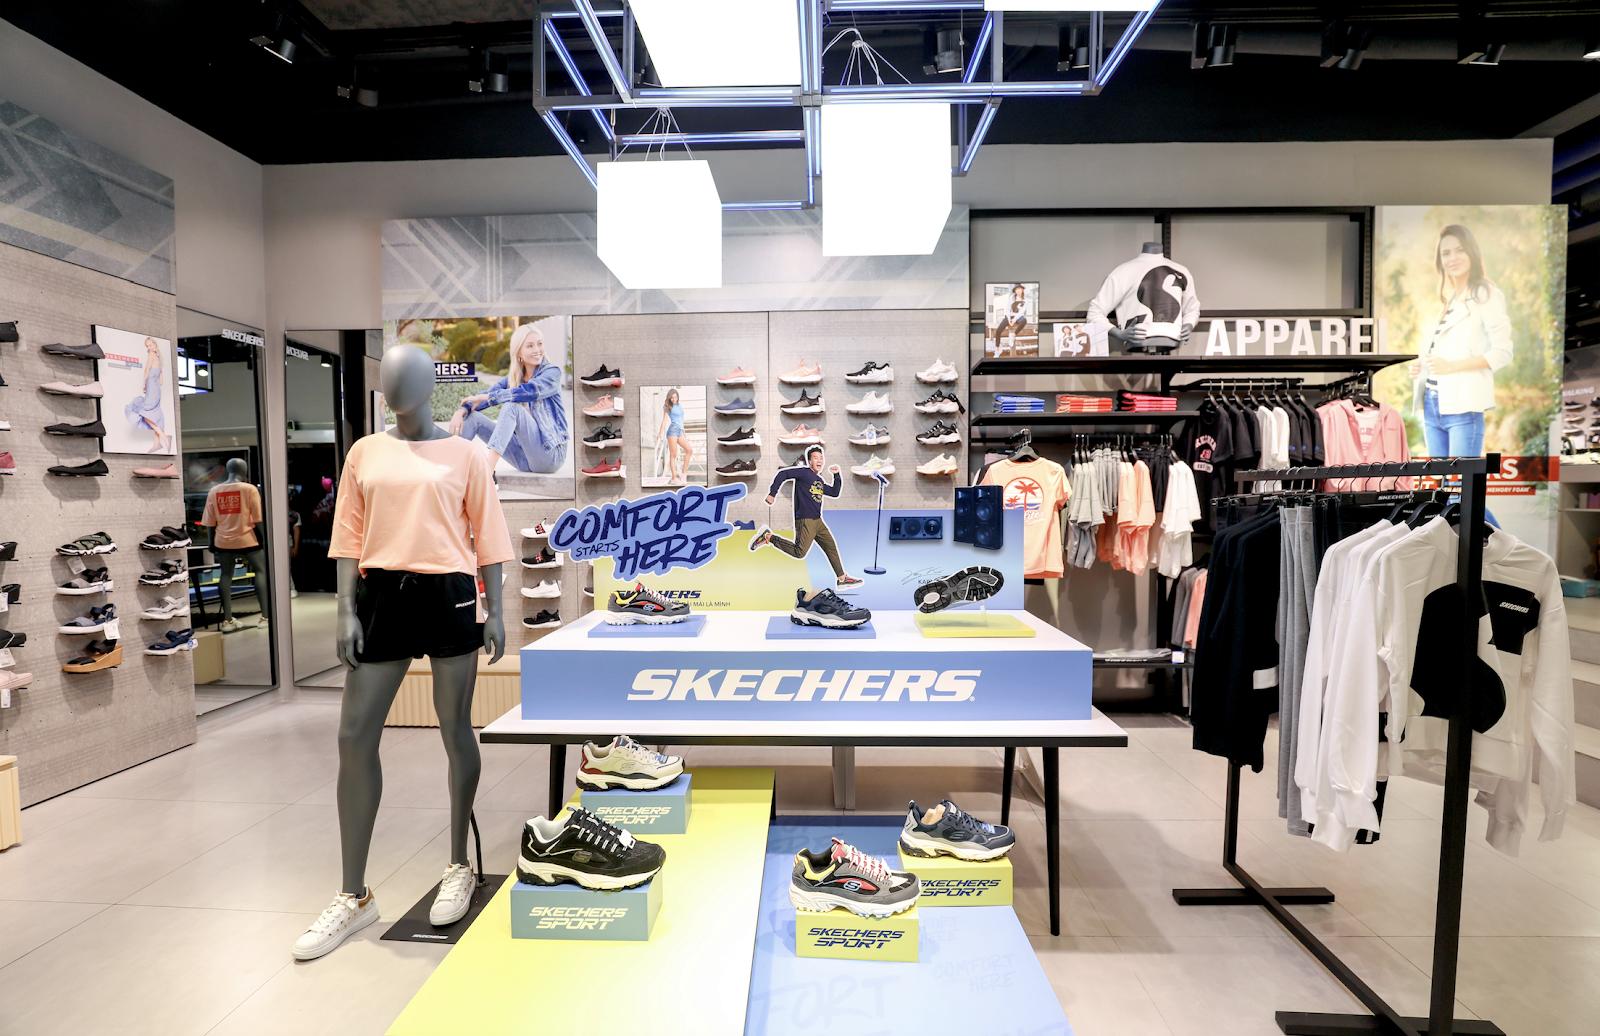 Bất ngờ kép từ Skechers: Karik trở thành đại sứ thương hiệu, chính thức khai trương Flagship Store tại Việt Nam - Ảnh 6.